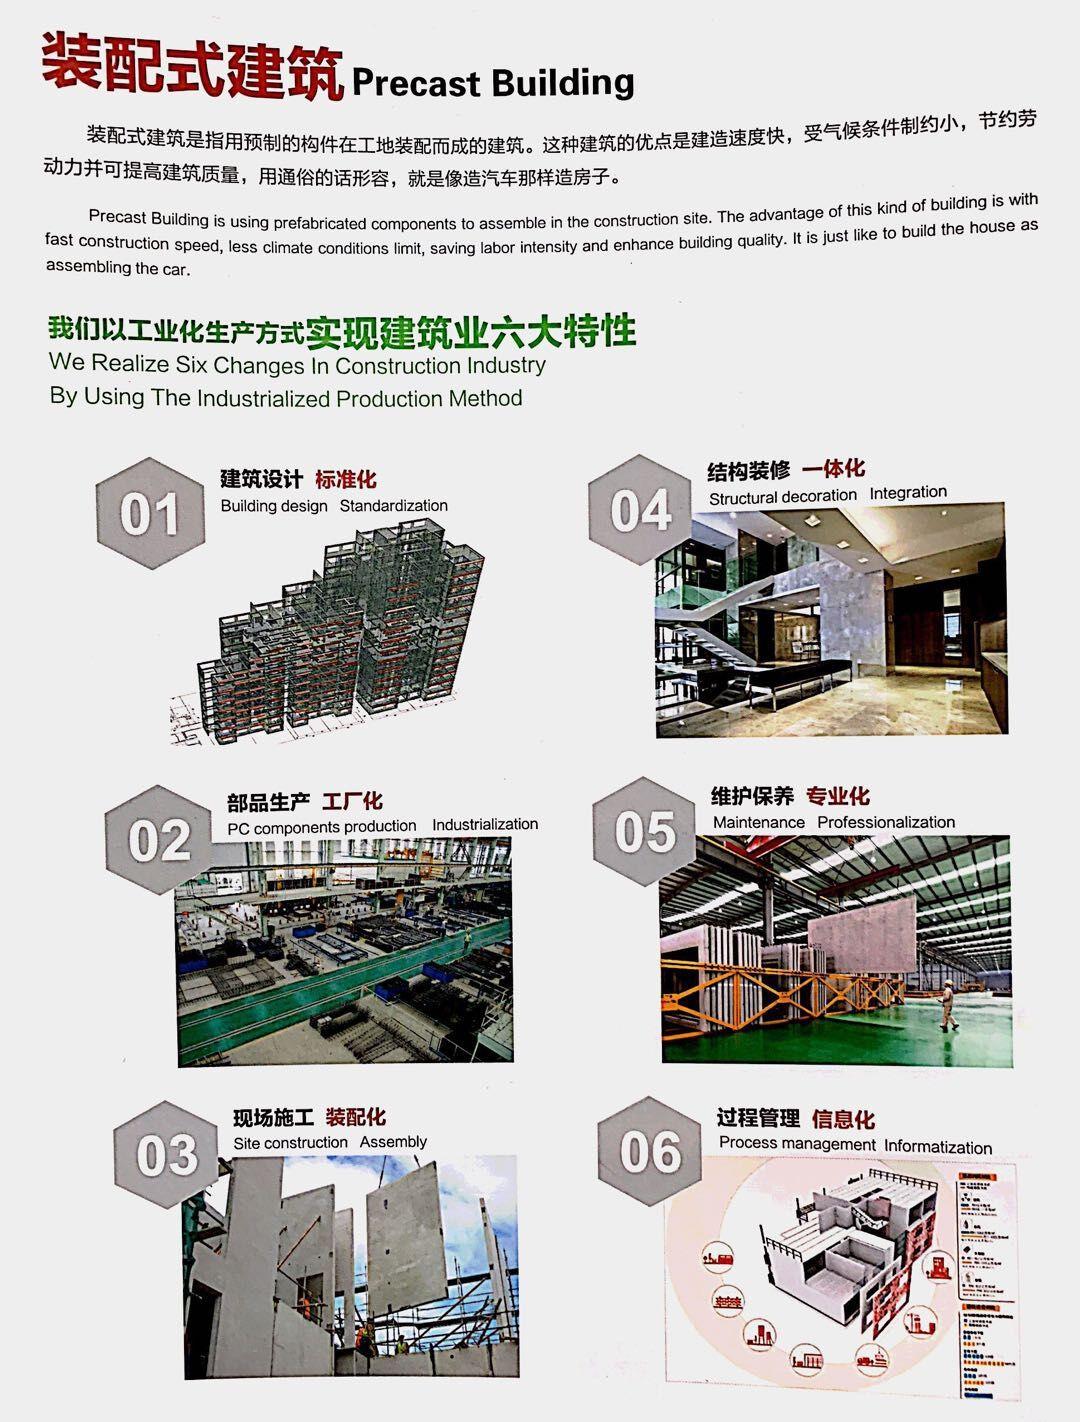 装配式住宅成套加工设备,建筑模板设备、保温建材设备